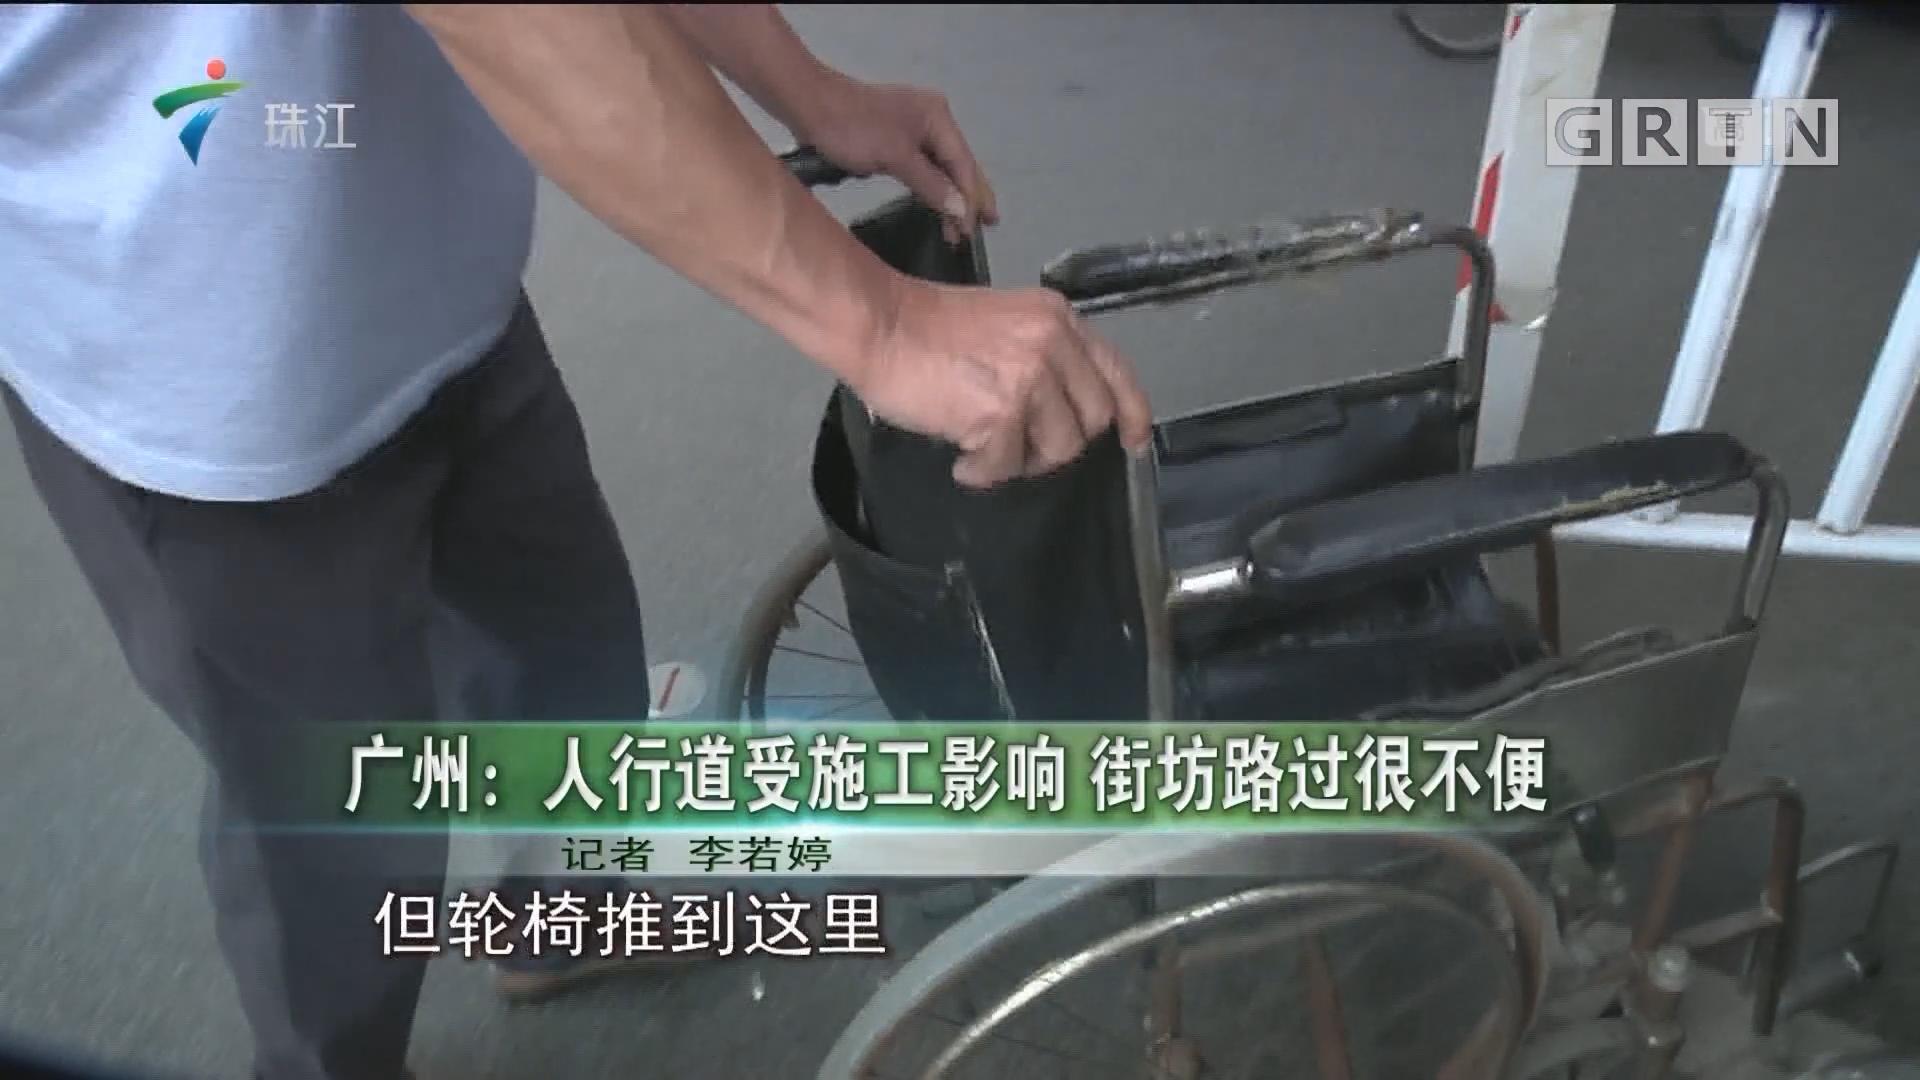 广州:人行道受施工影响 街坊路过很不便